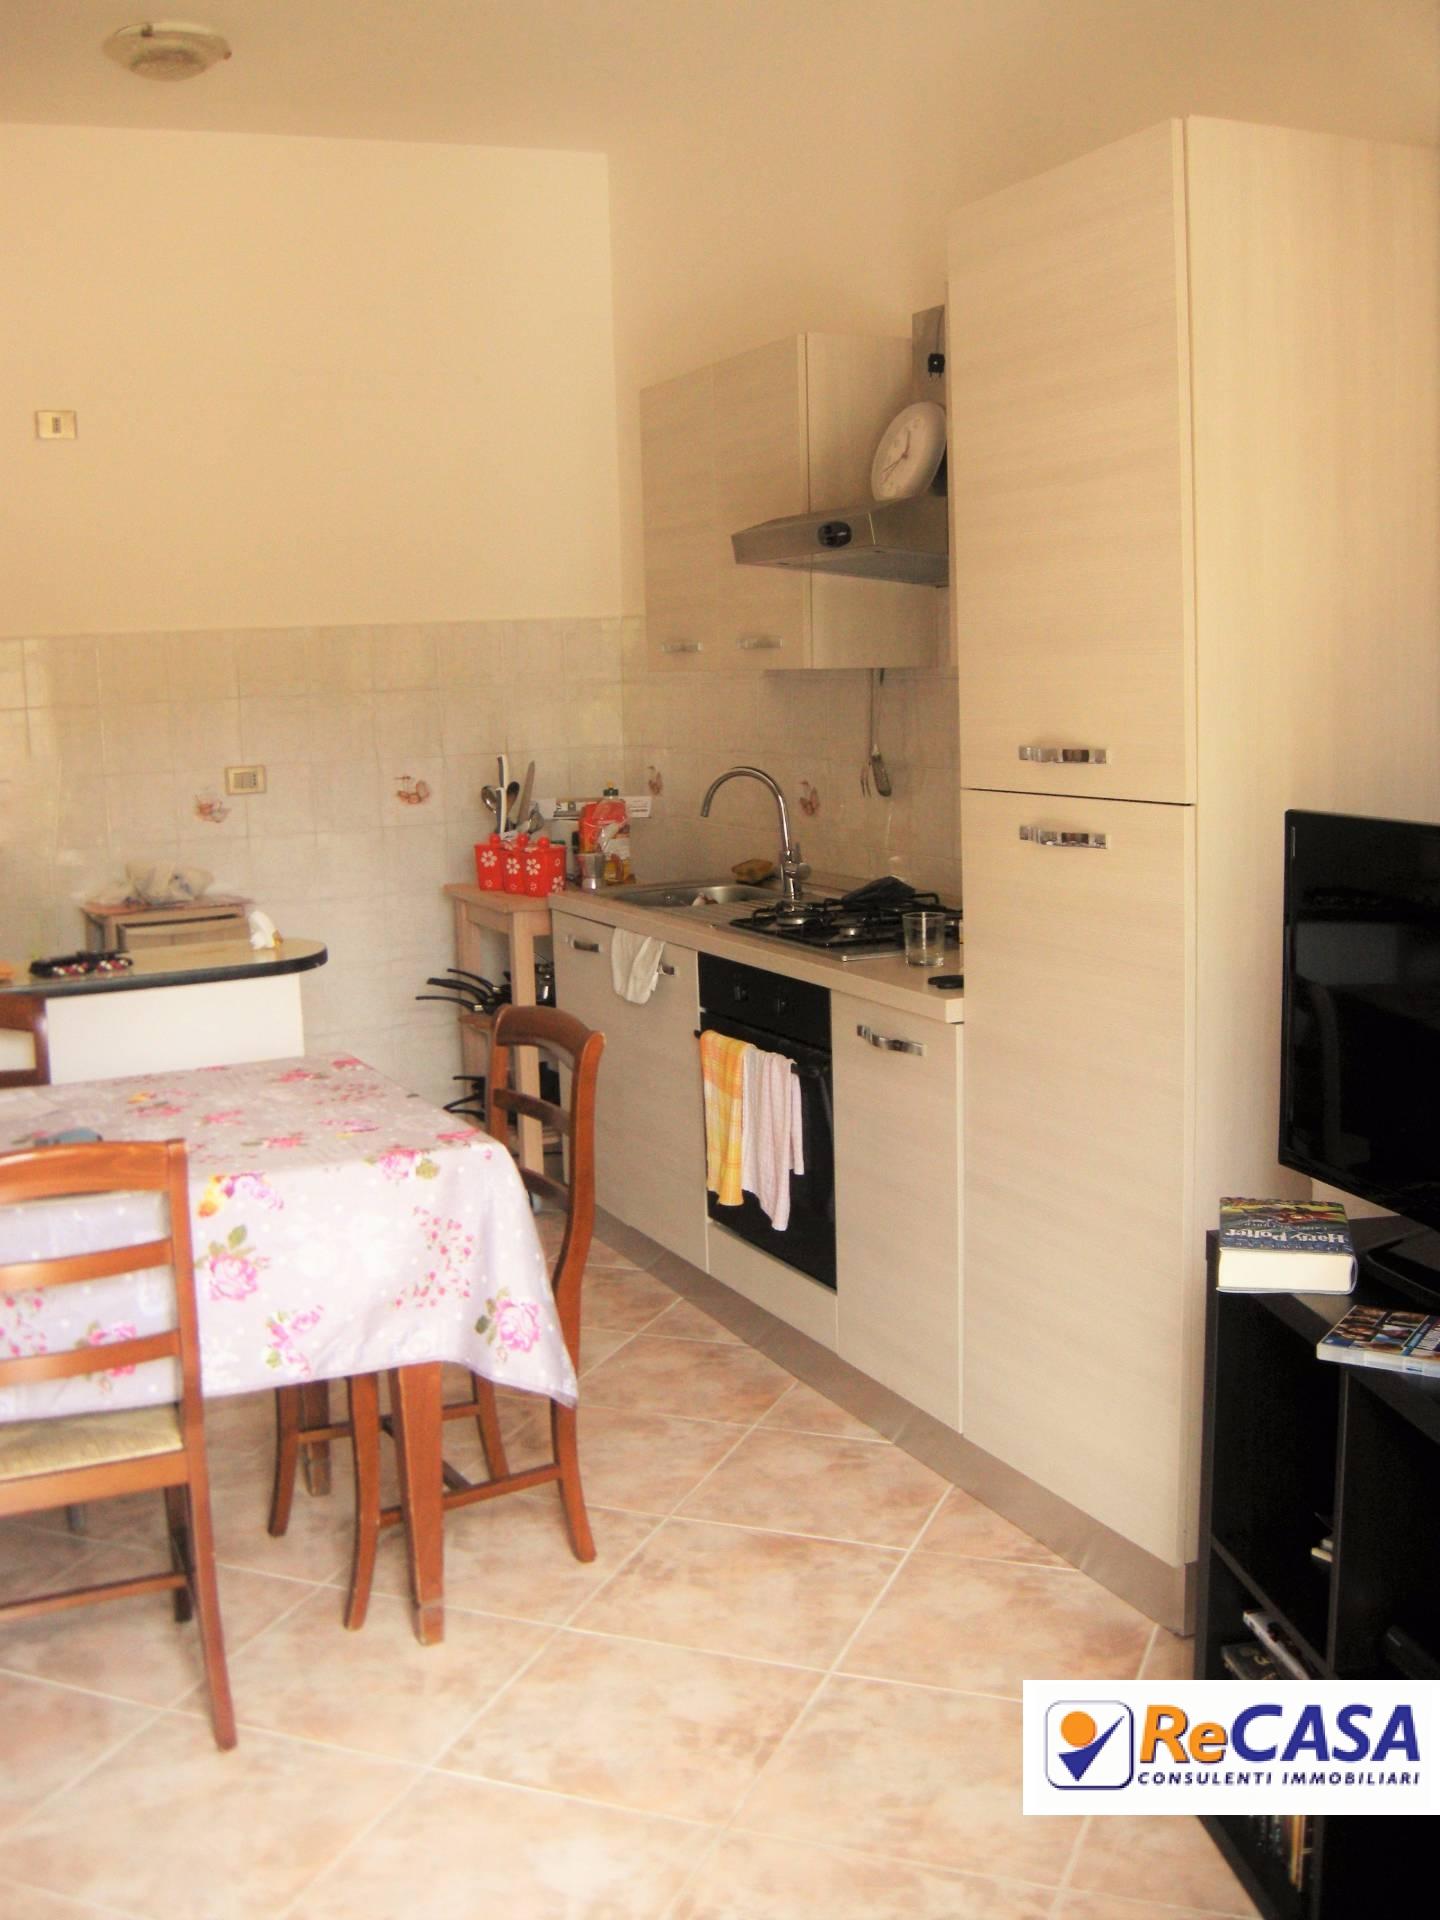 Appartamento in affitto a Pontecagnano Faiano, 3 locali, zona Zona: Pontecagnano, prezzo € 350 | Cambio Casa.it